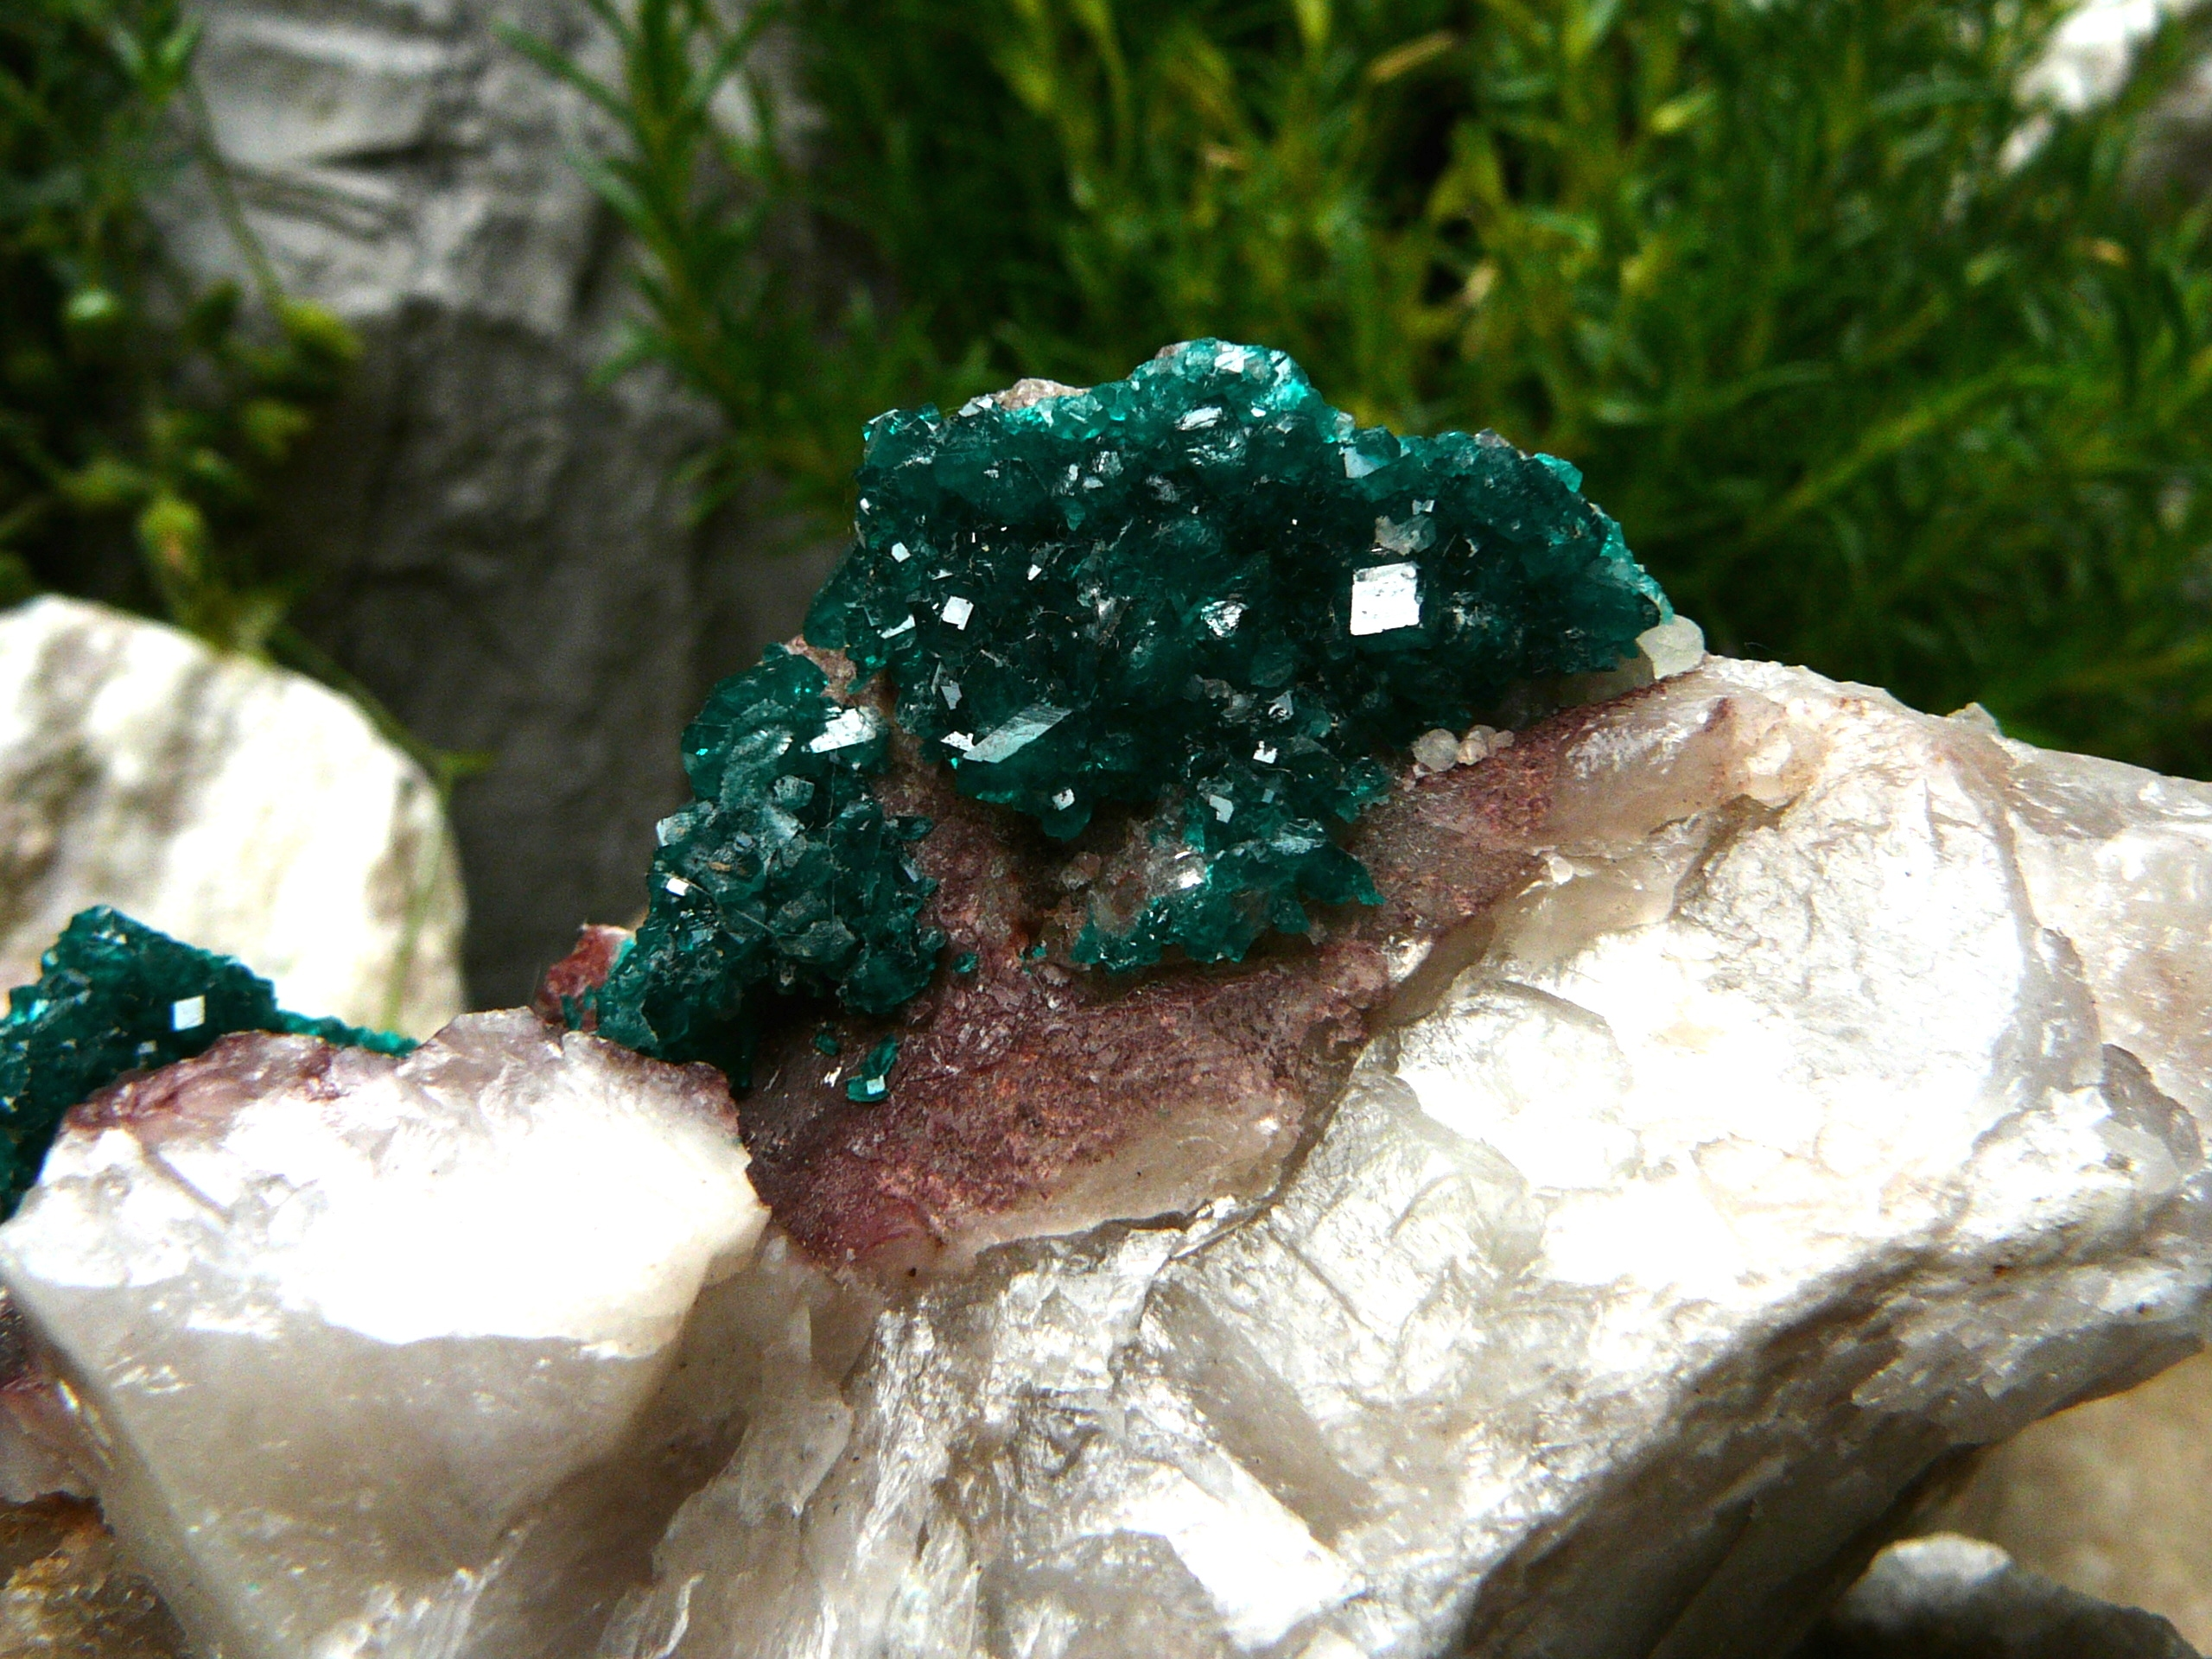 Emerald-green dioptase